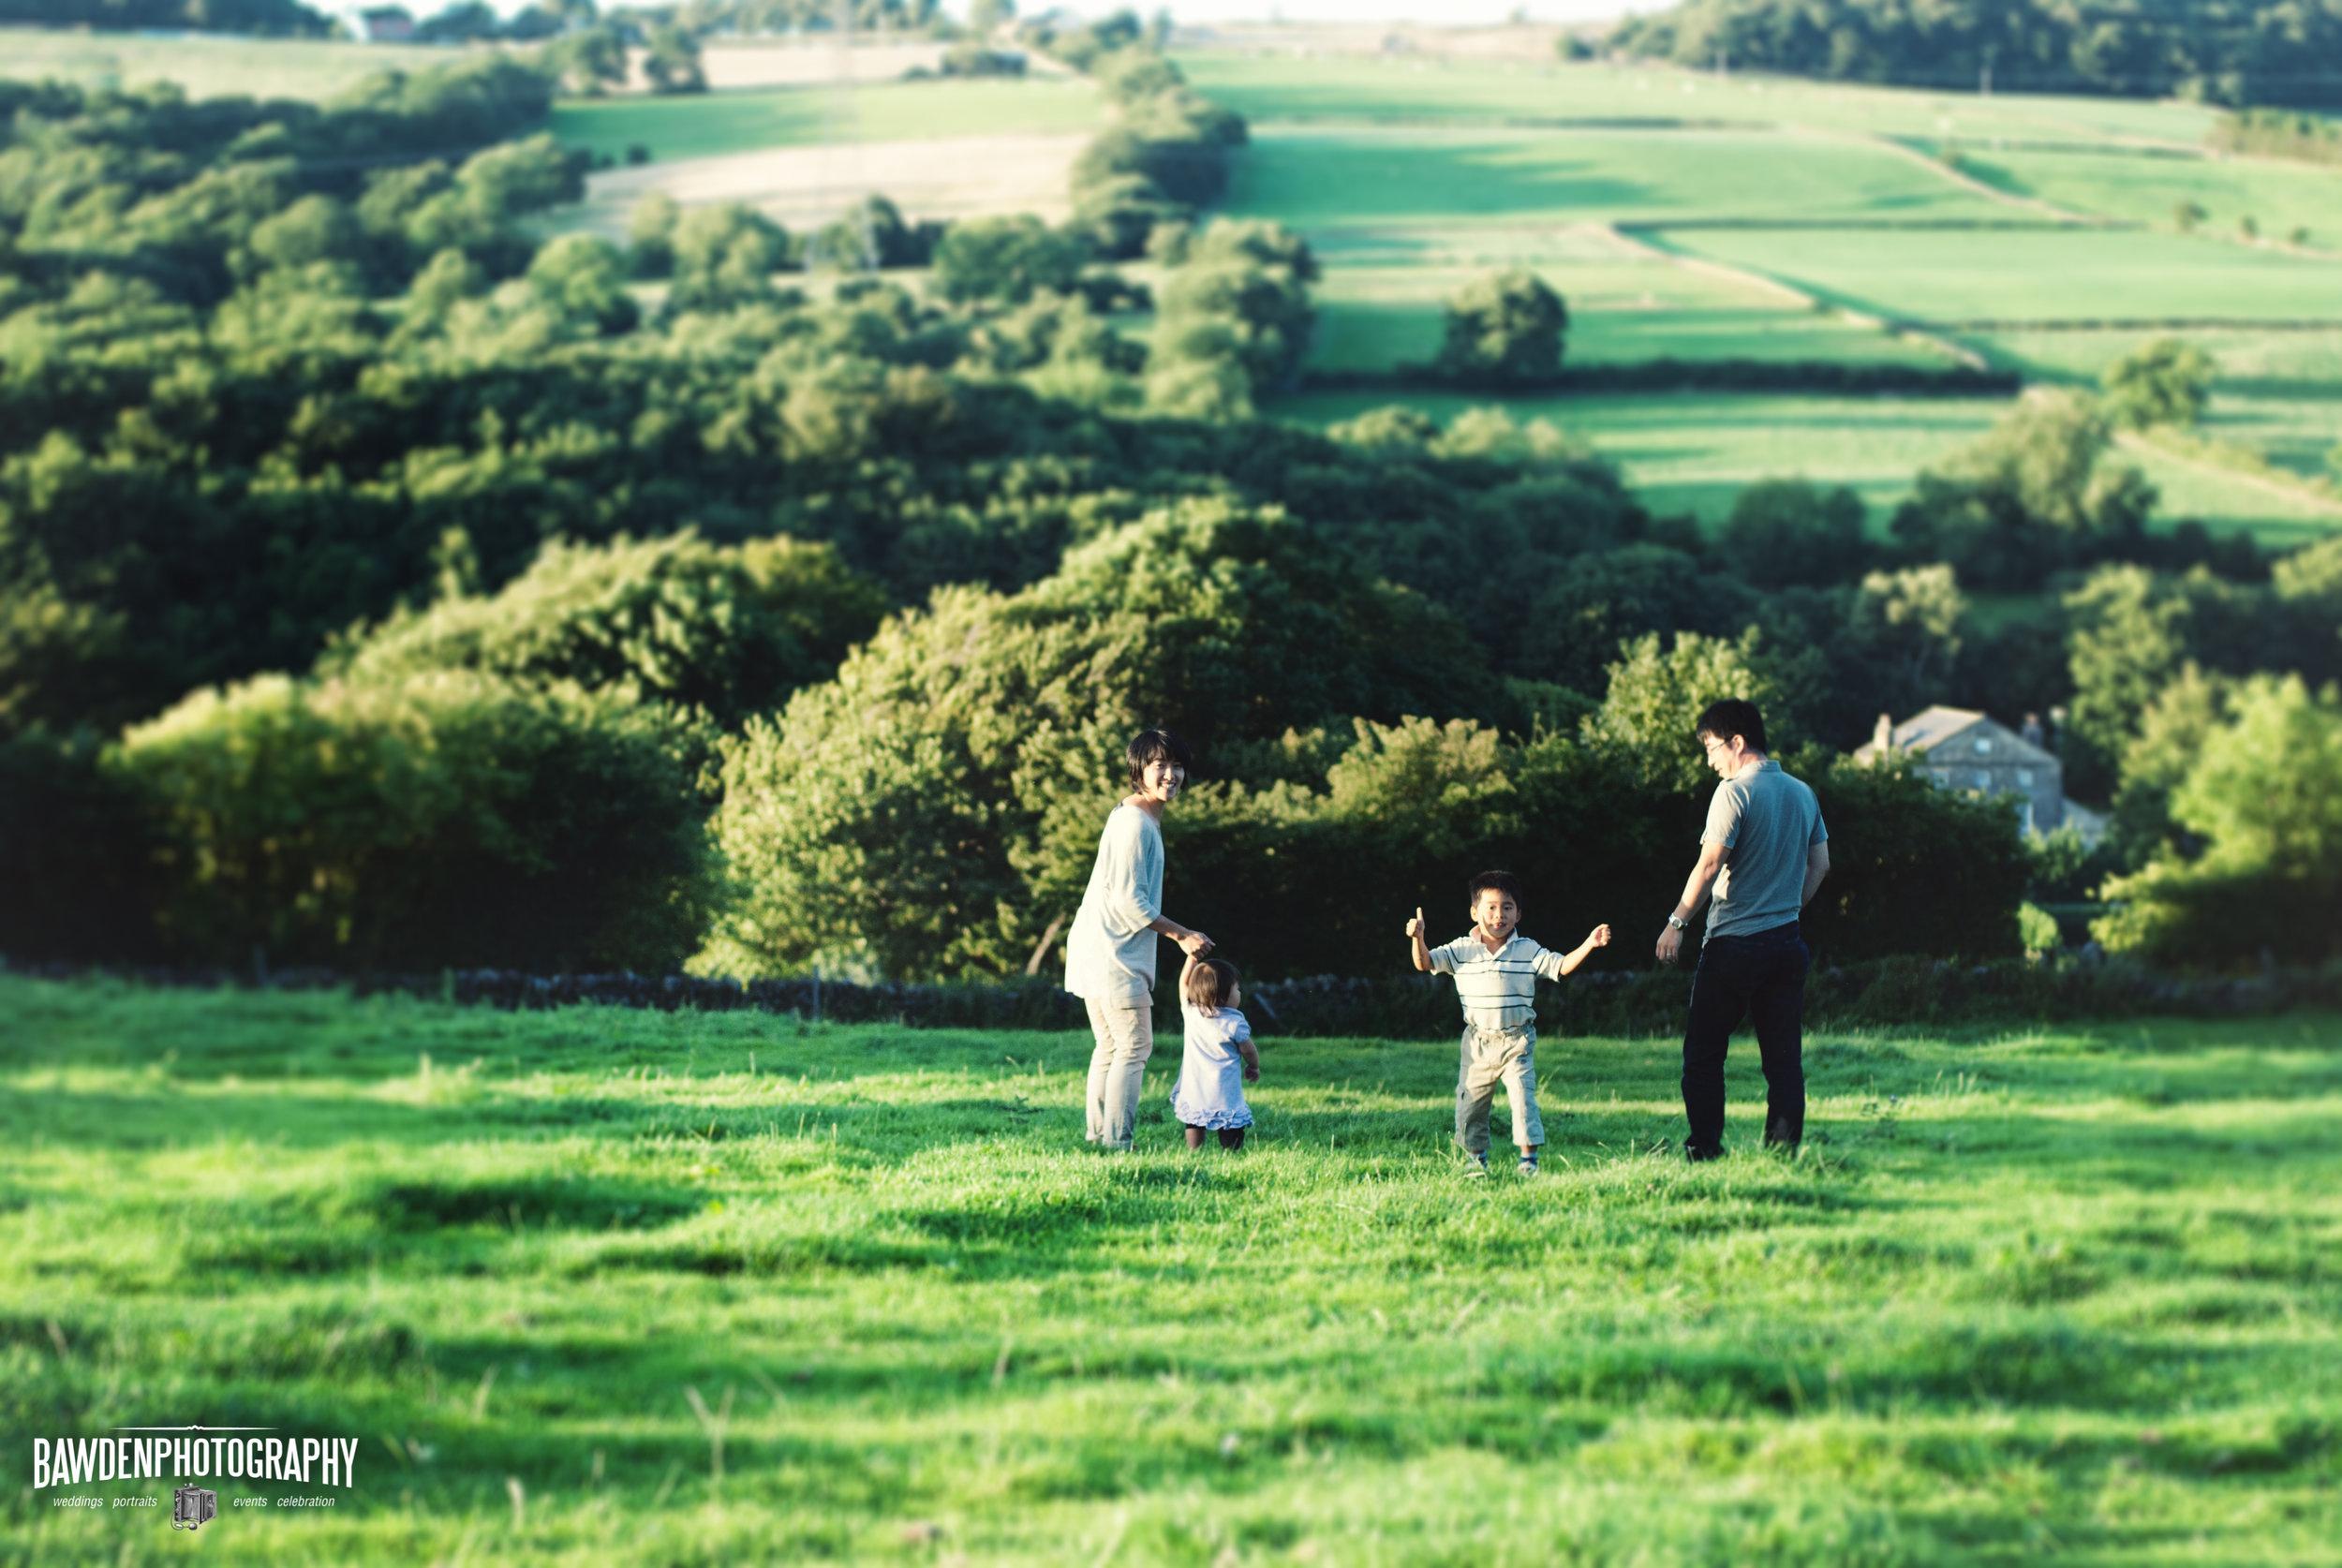 Family Portrait Photography Northwest UK